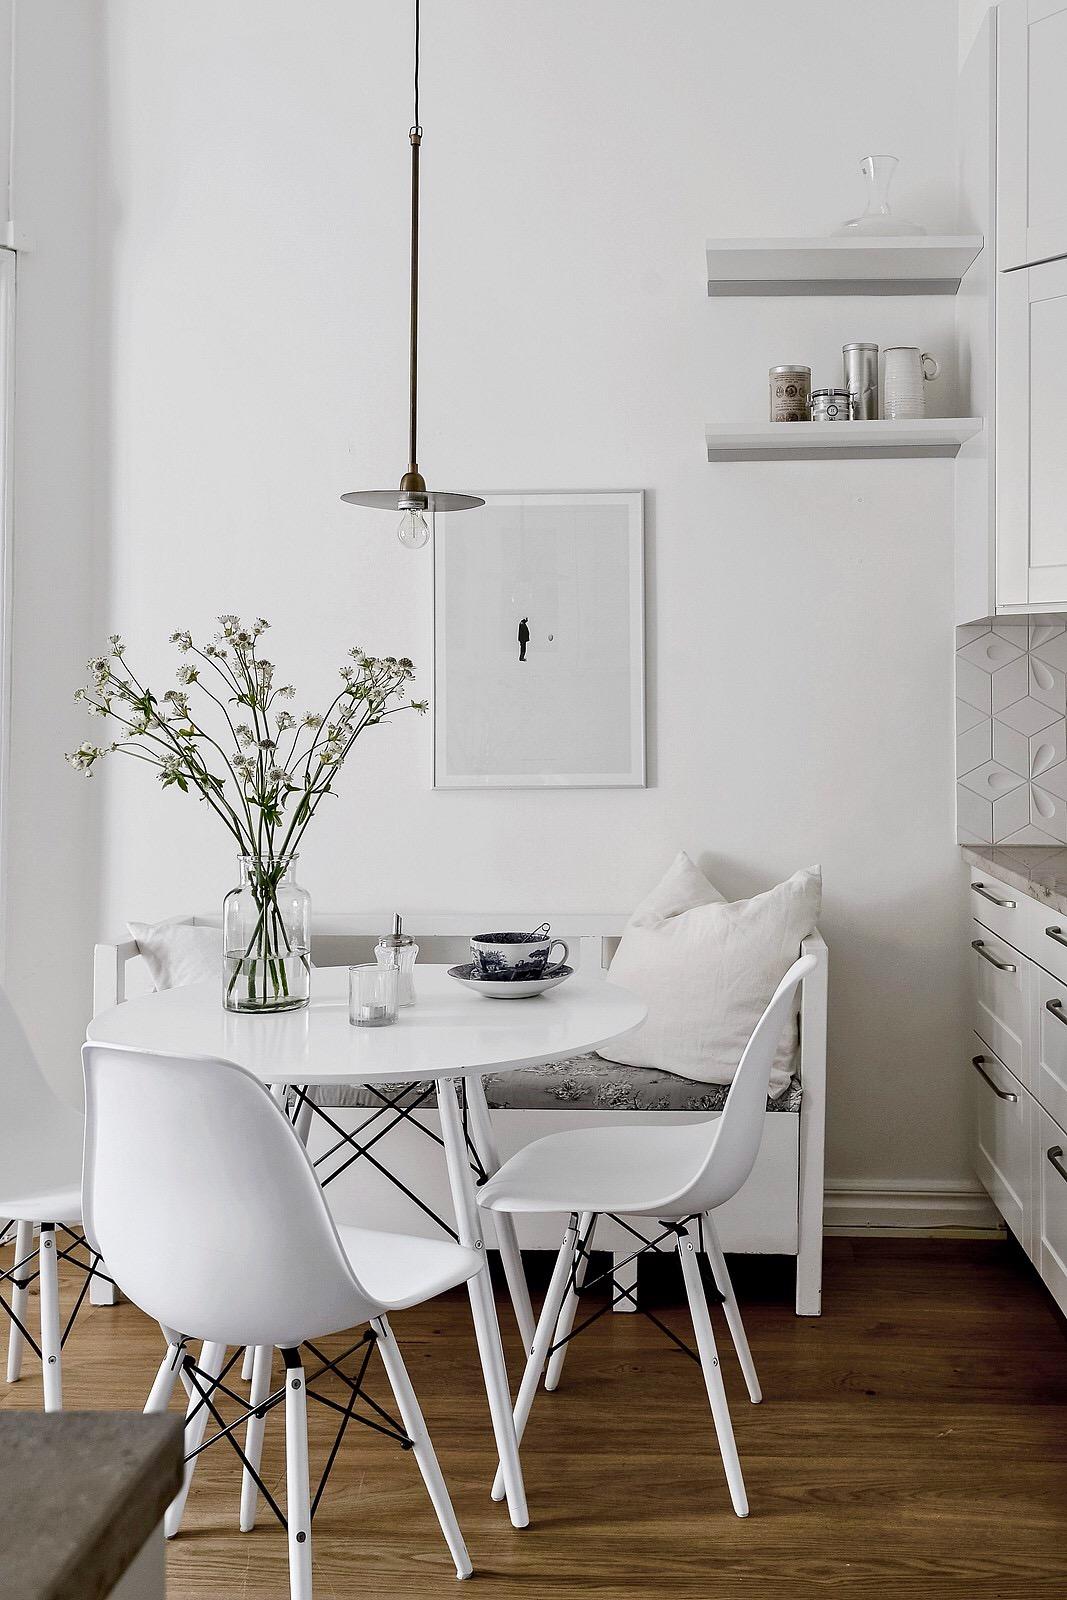 кухня столик стулья скамья